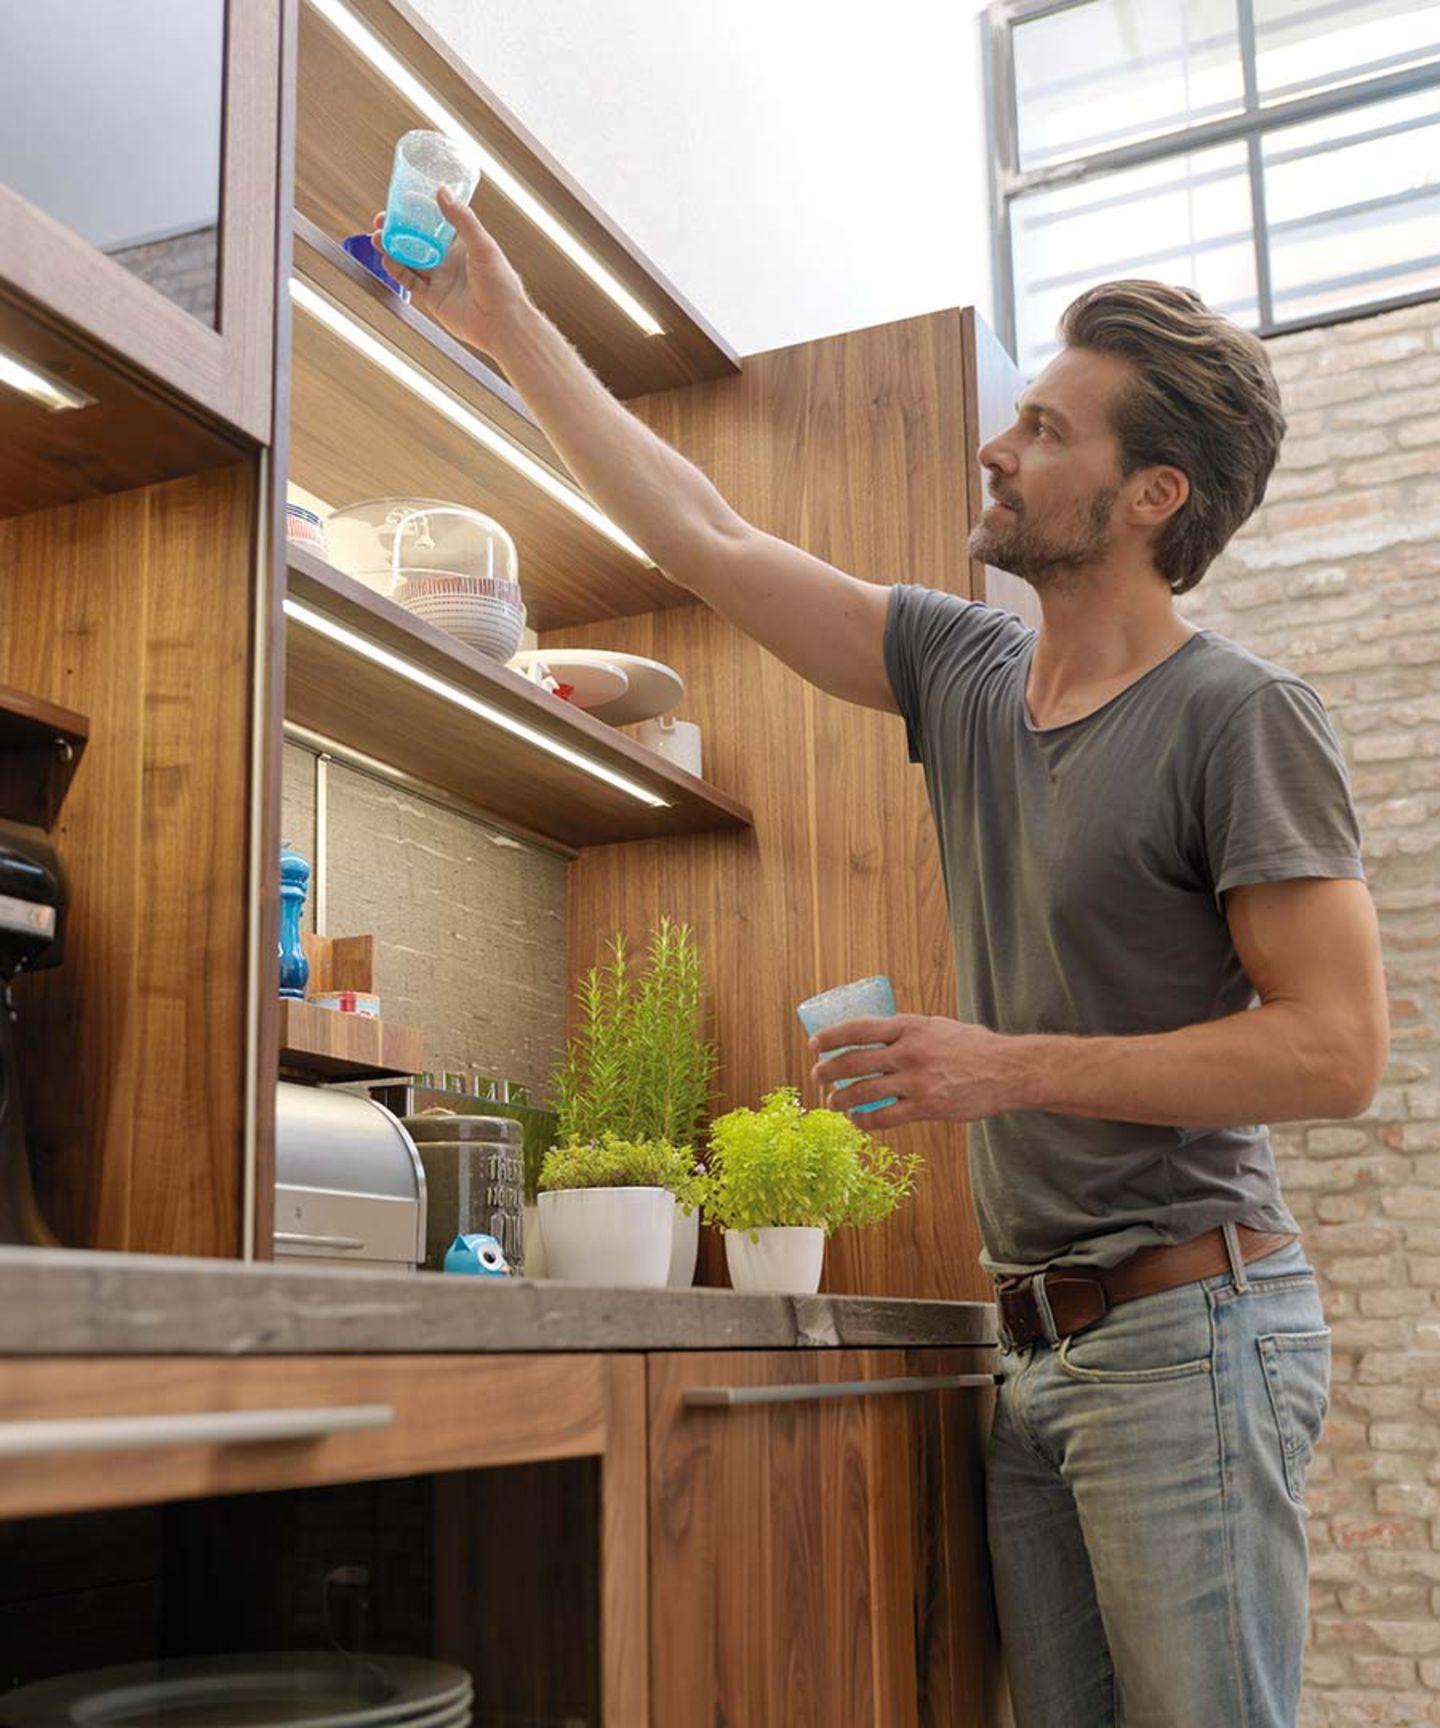 Cucina loft in legno massello con mensole